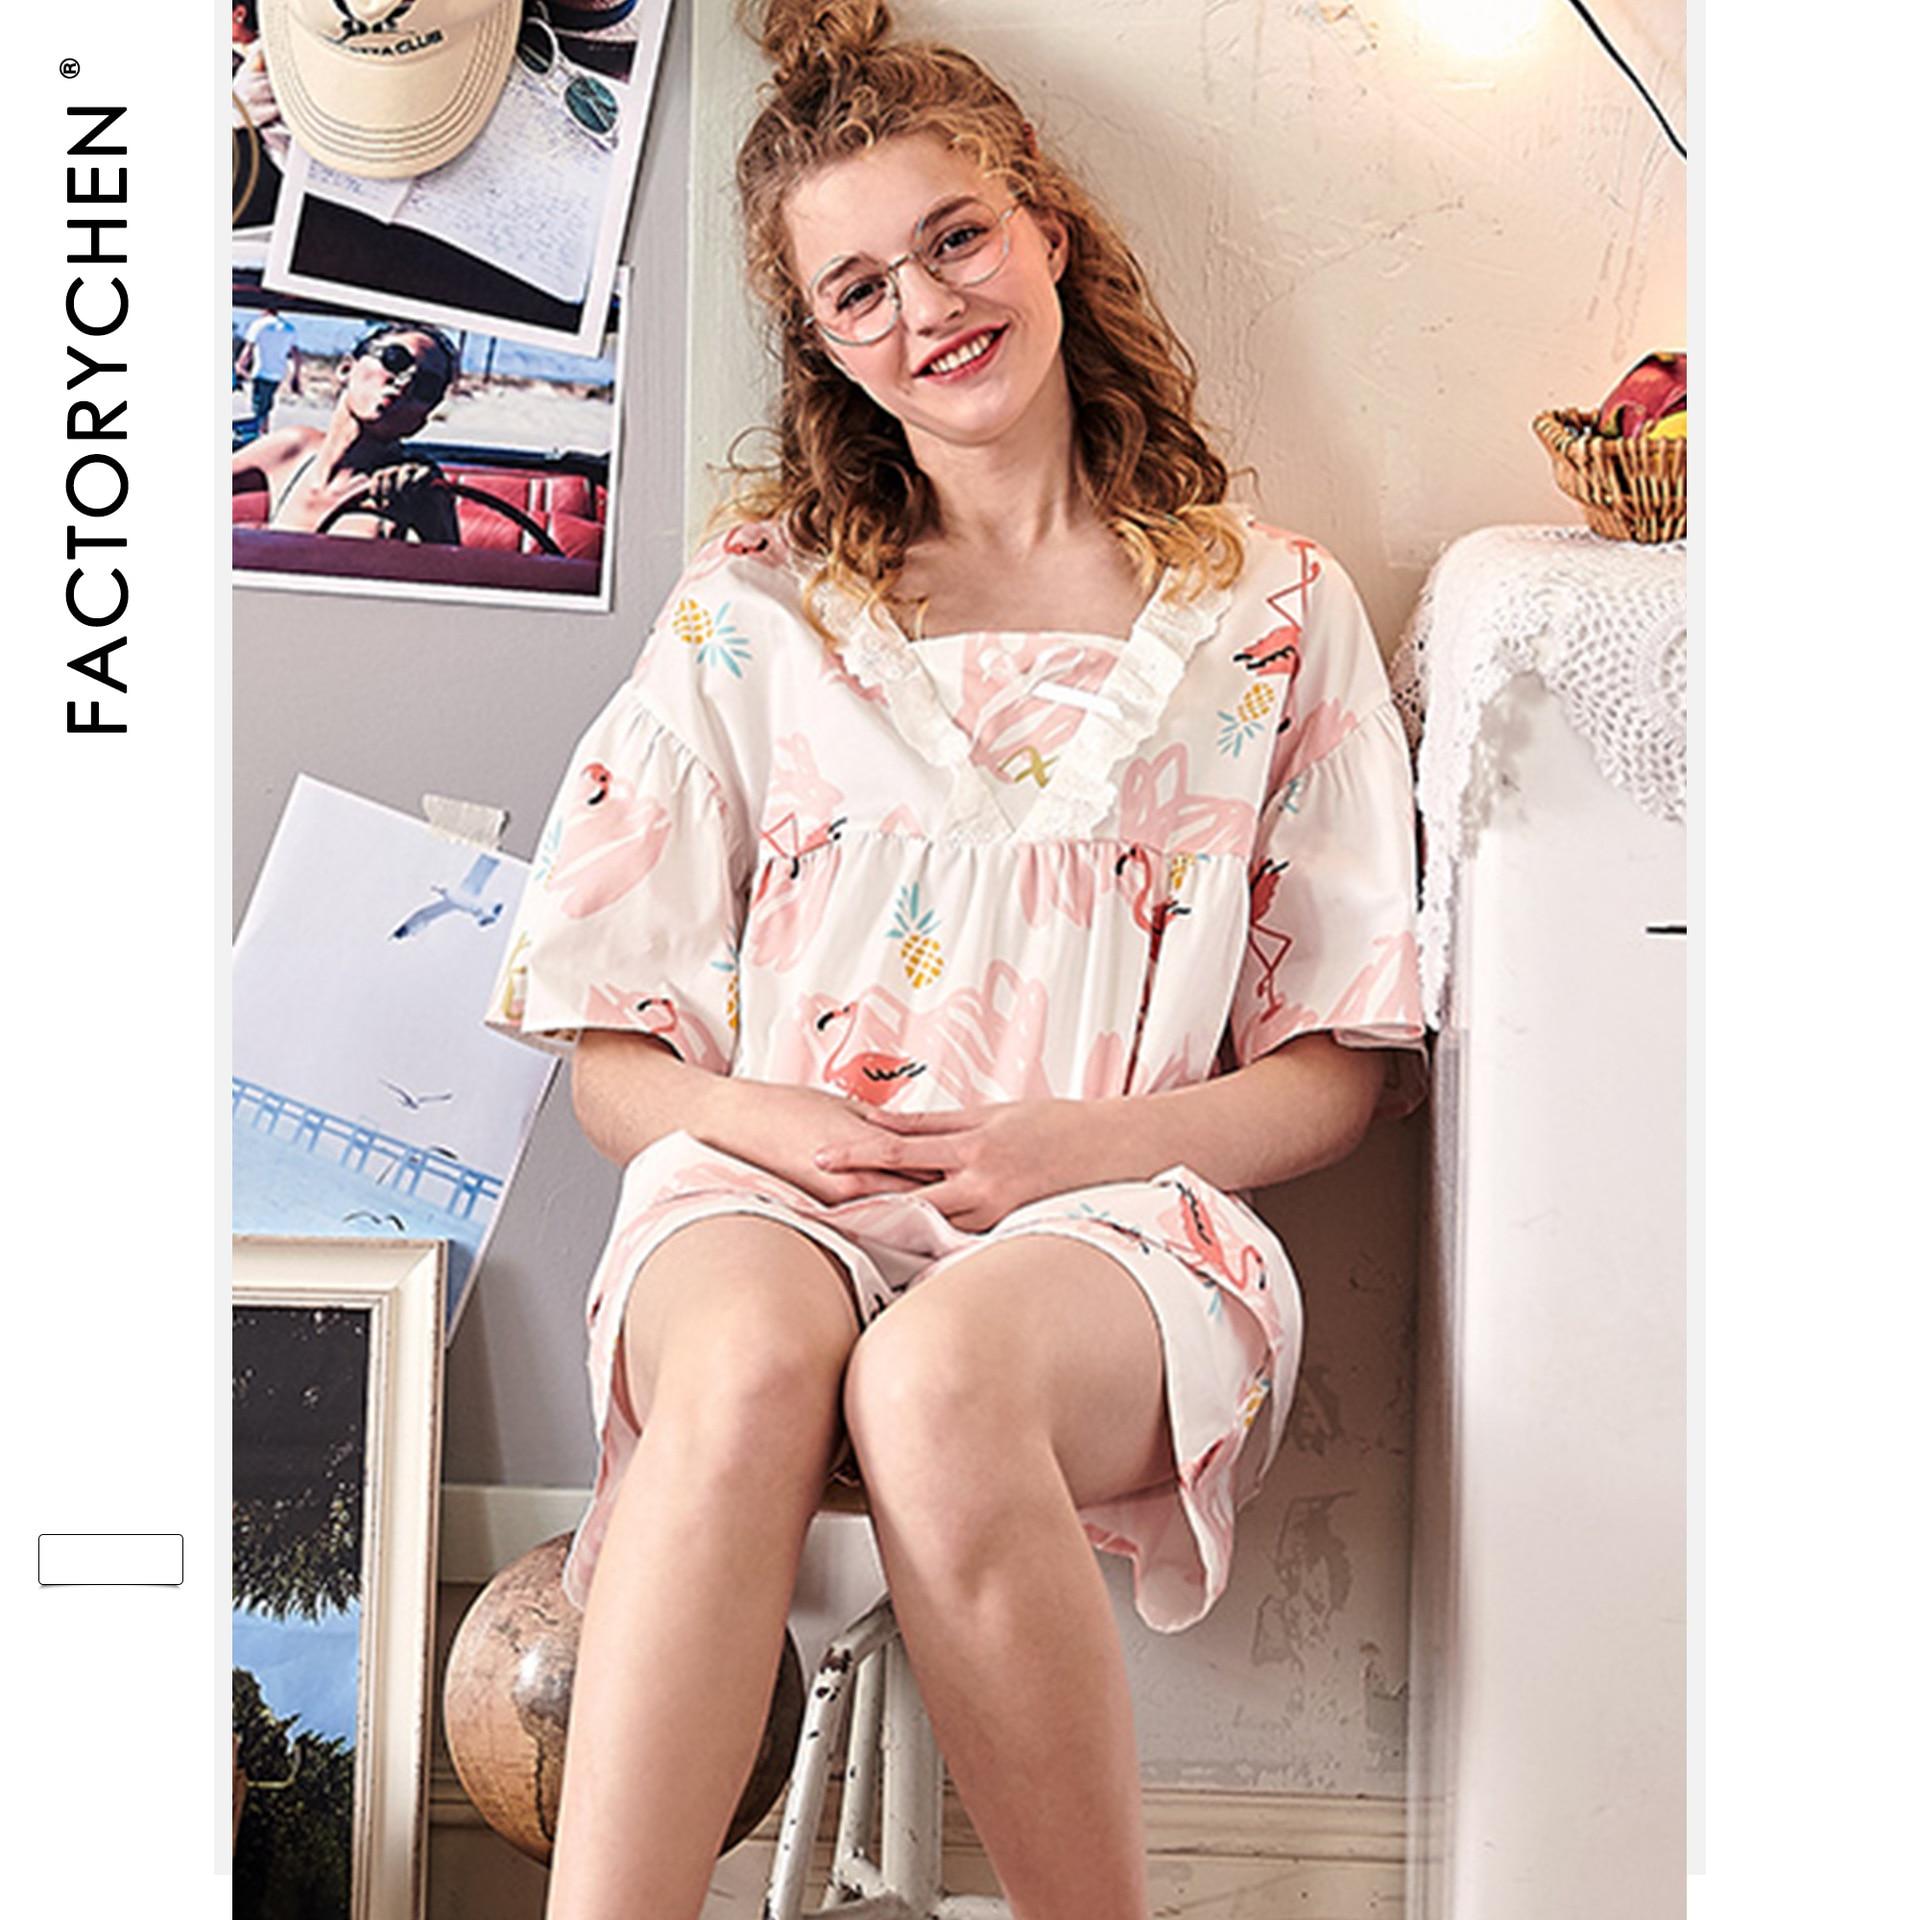 Image 5 - Свободные женские пижамы с коротким рукавом и рисунком фламинго, летние шорты, пижама с v образным вырезом, пижама с принтом, домашняя одежда для сна, комплект из 2 предметов-in Комплекты пижам from Нижнее белье и пижамы on AliExpress - 11.11_Double 11_Singles' Day